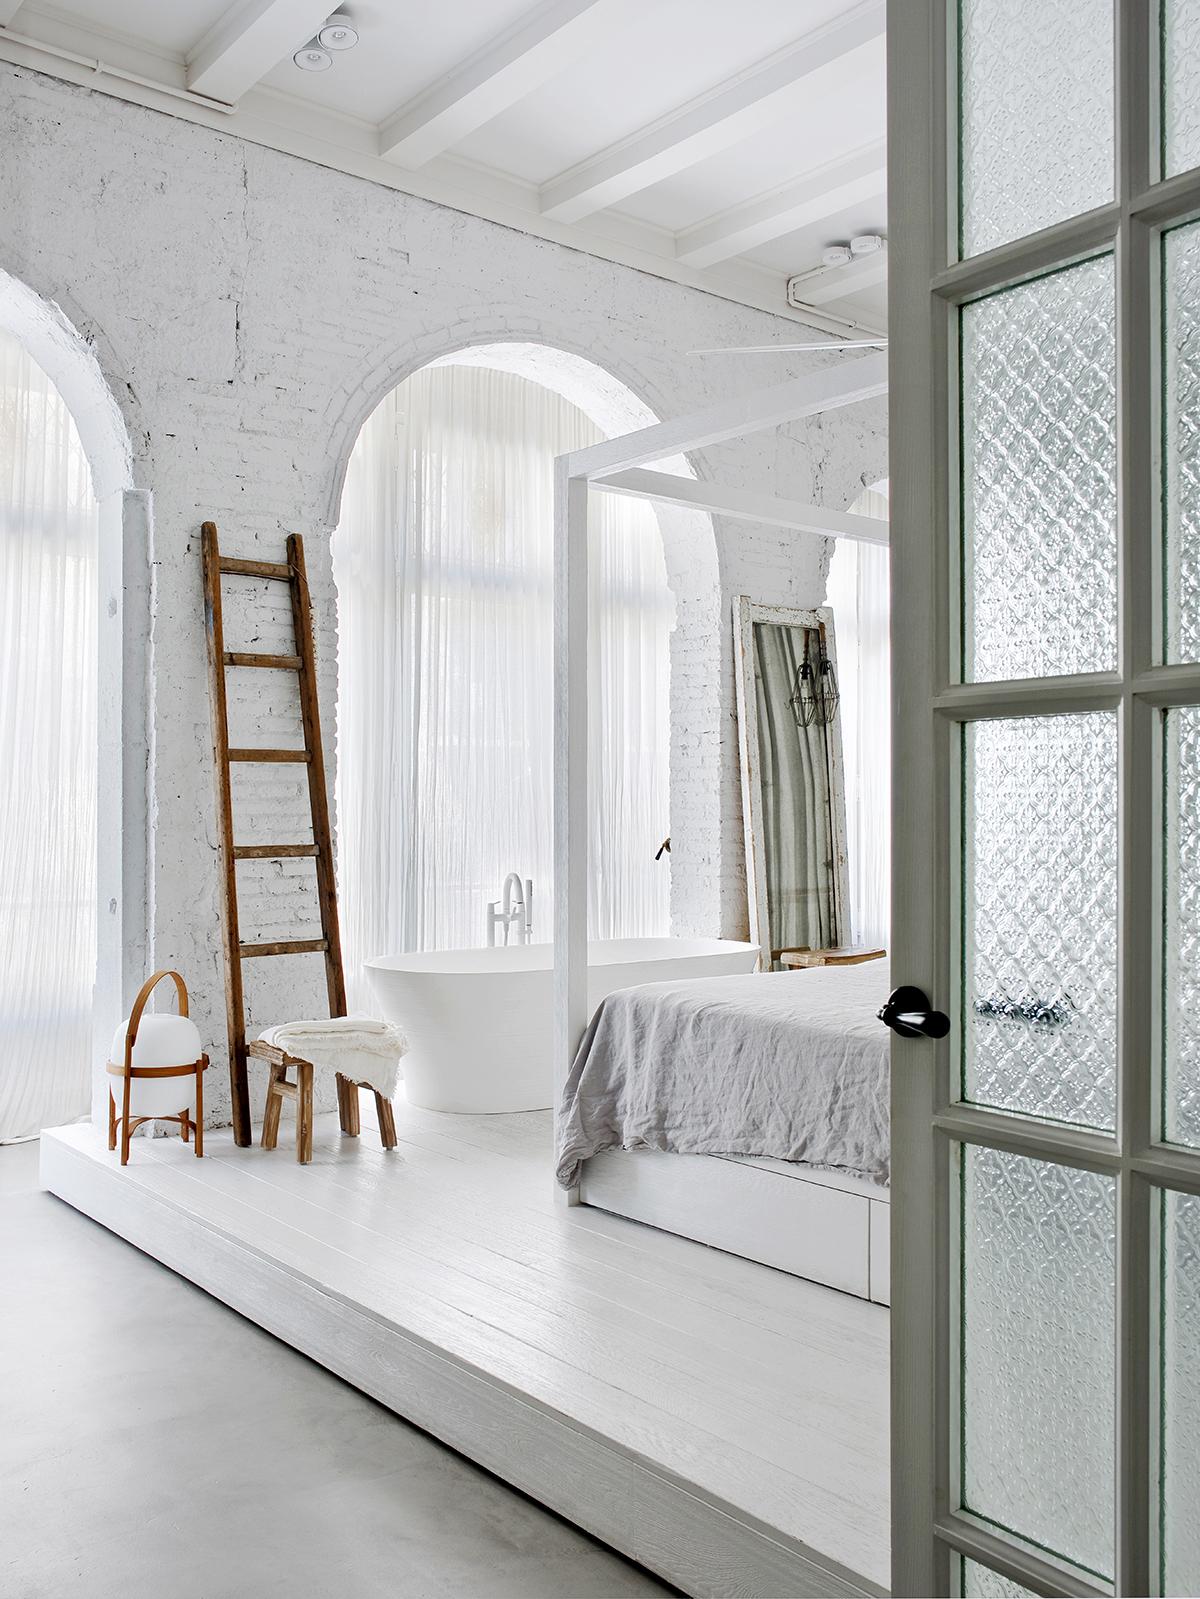 Duża jasna sypialnia na podeście